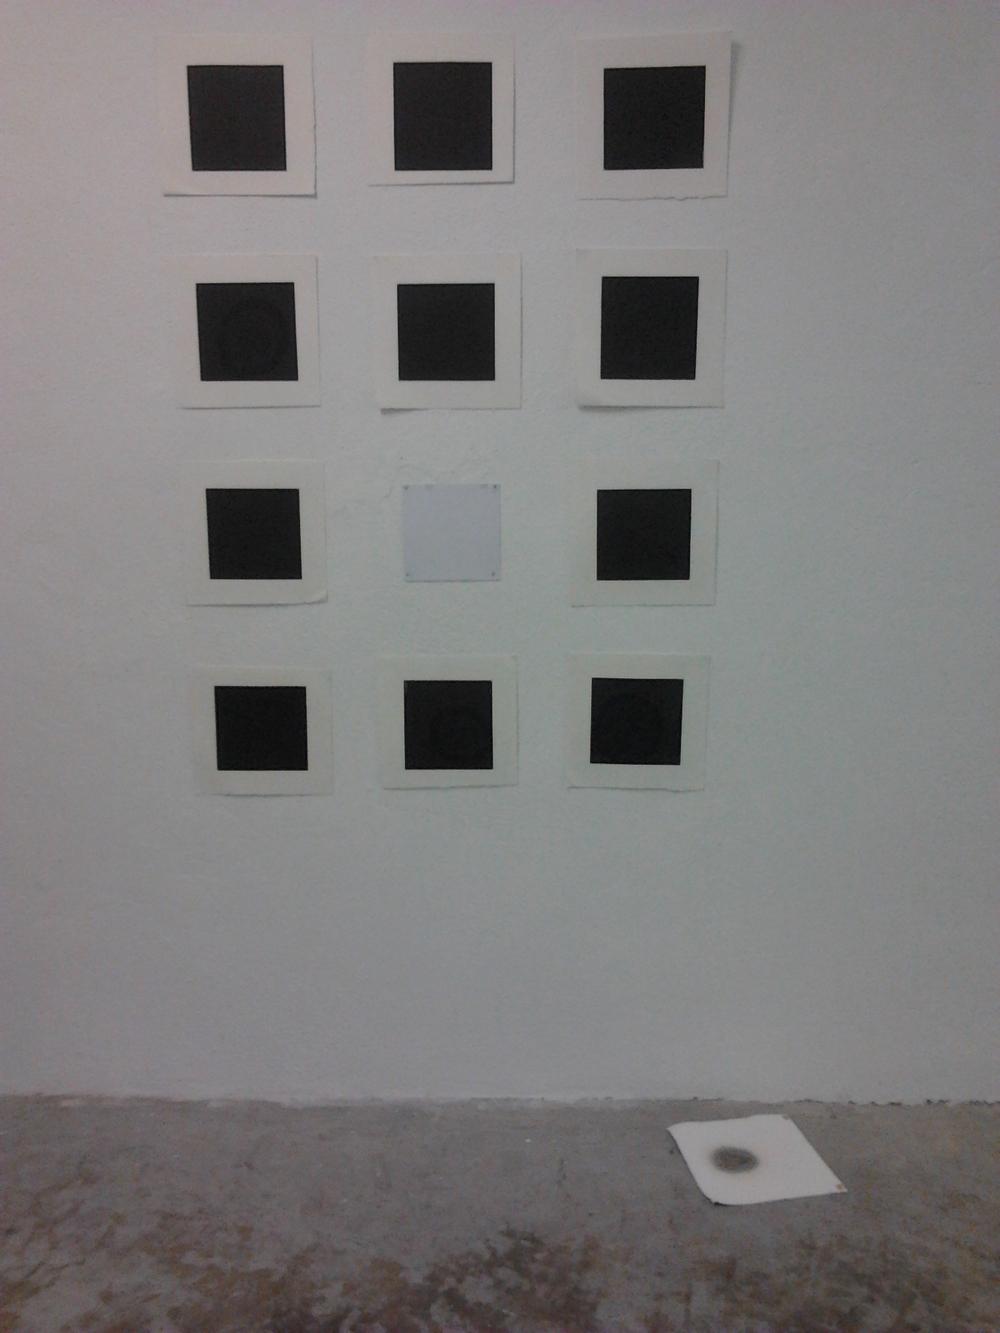 2012-11-29 13.42.56 (1).jpg